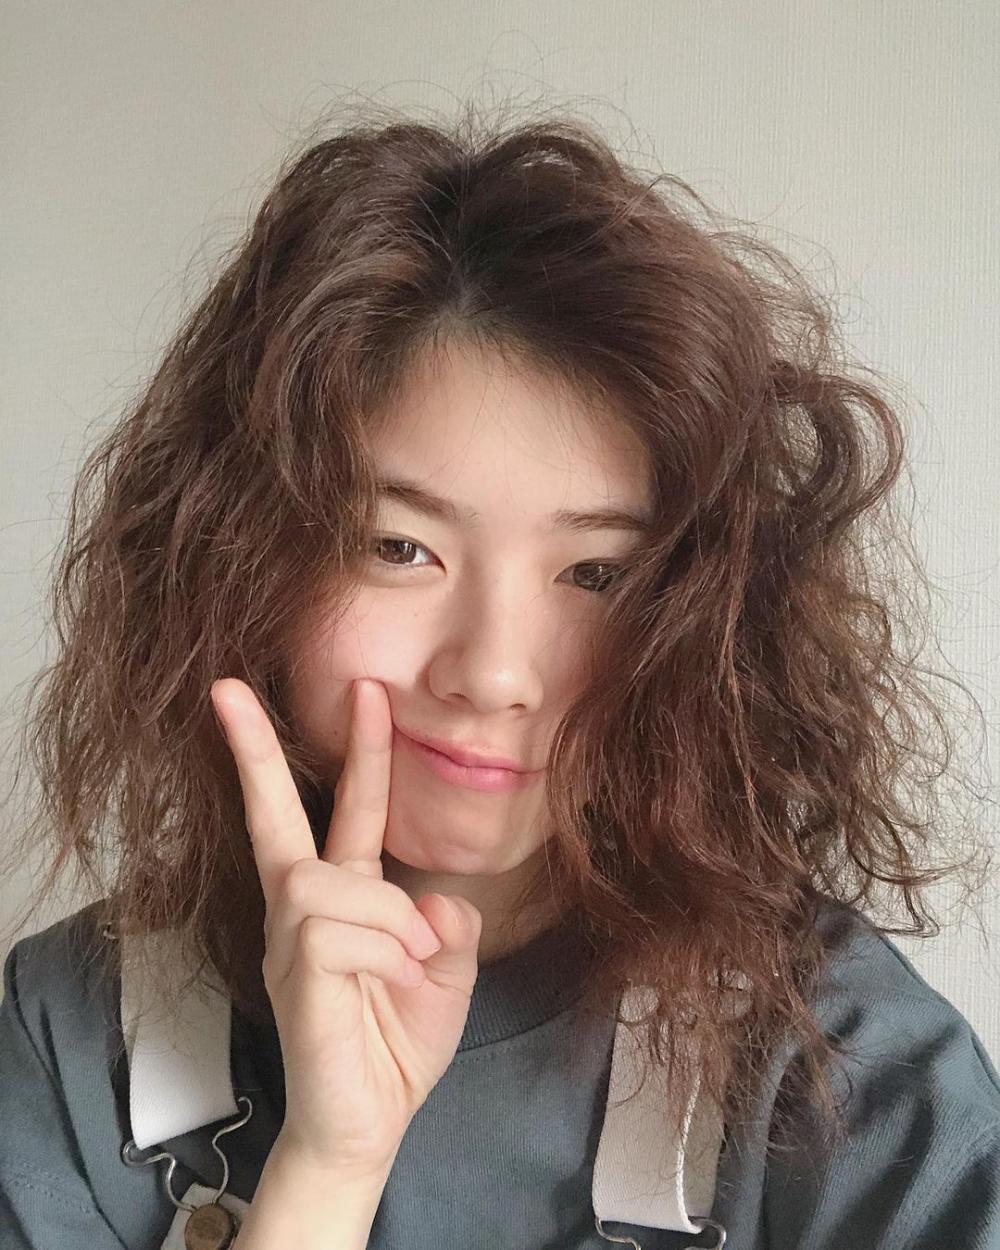 10 Potret Fuka Koshiba, Pemeran Ai Sato di Drama She Was Pretty